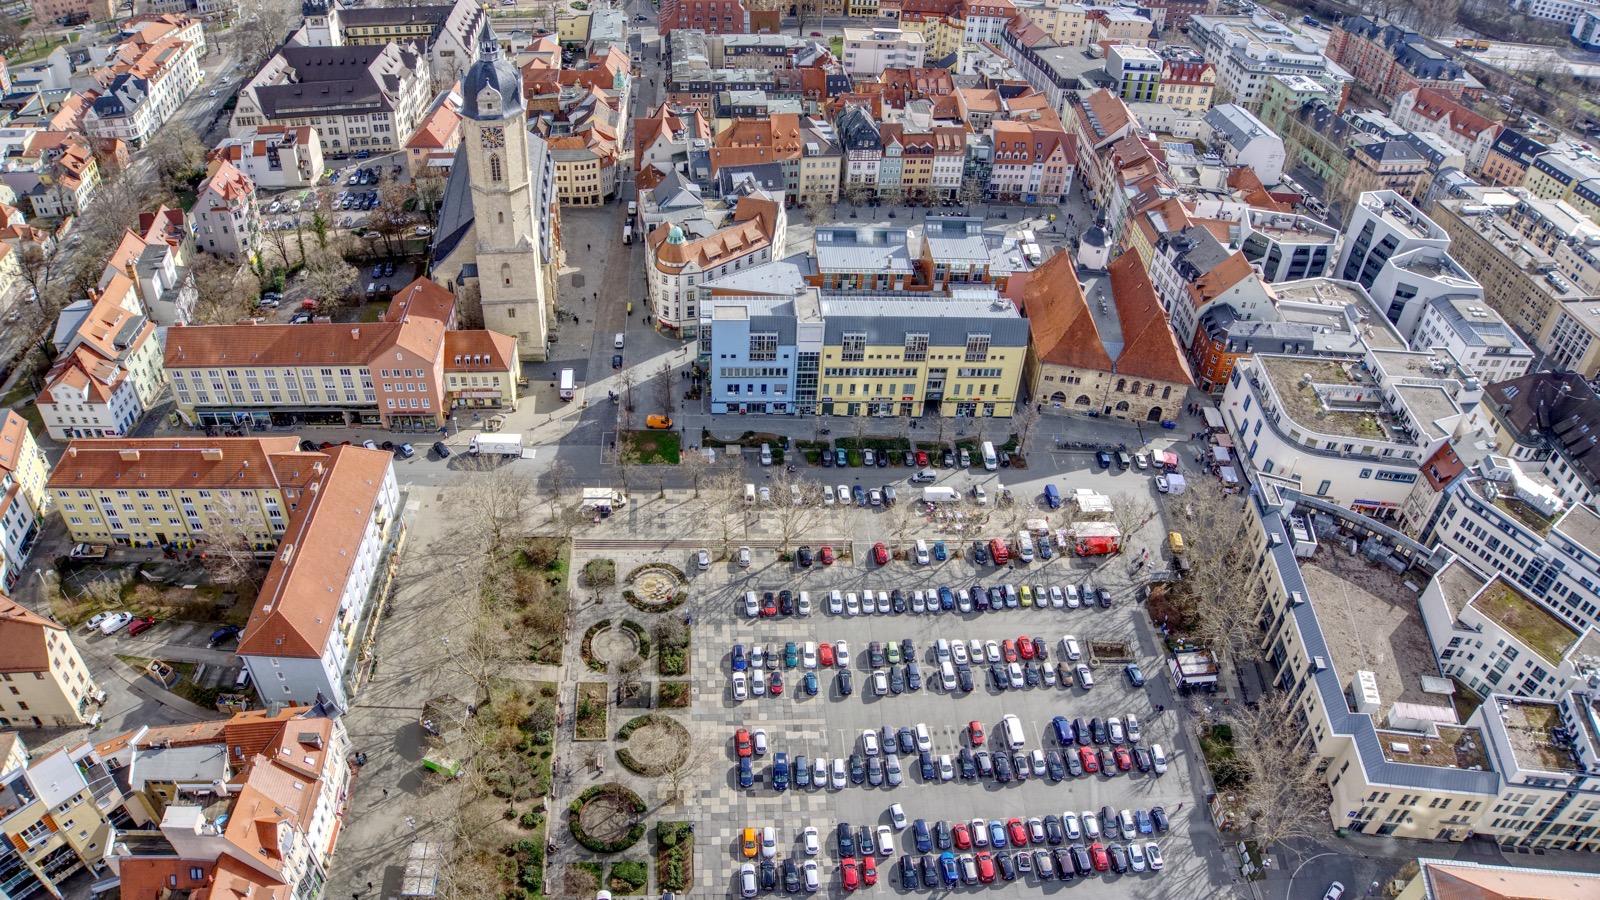 Blick auf den Eichplatz mit Blechkisten im Herzen der Stadt.